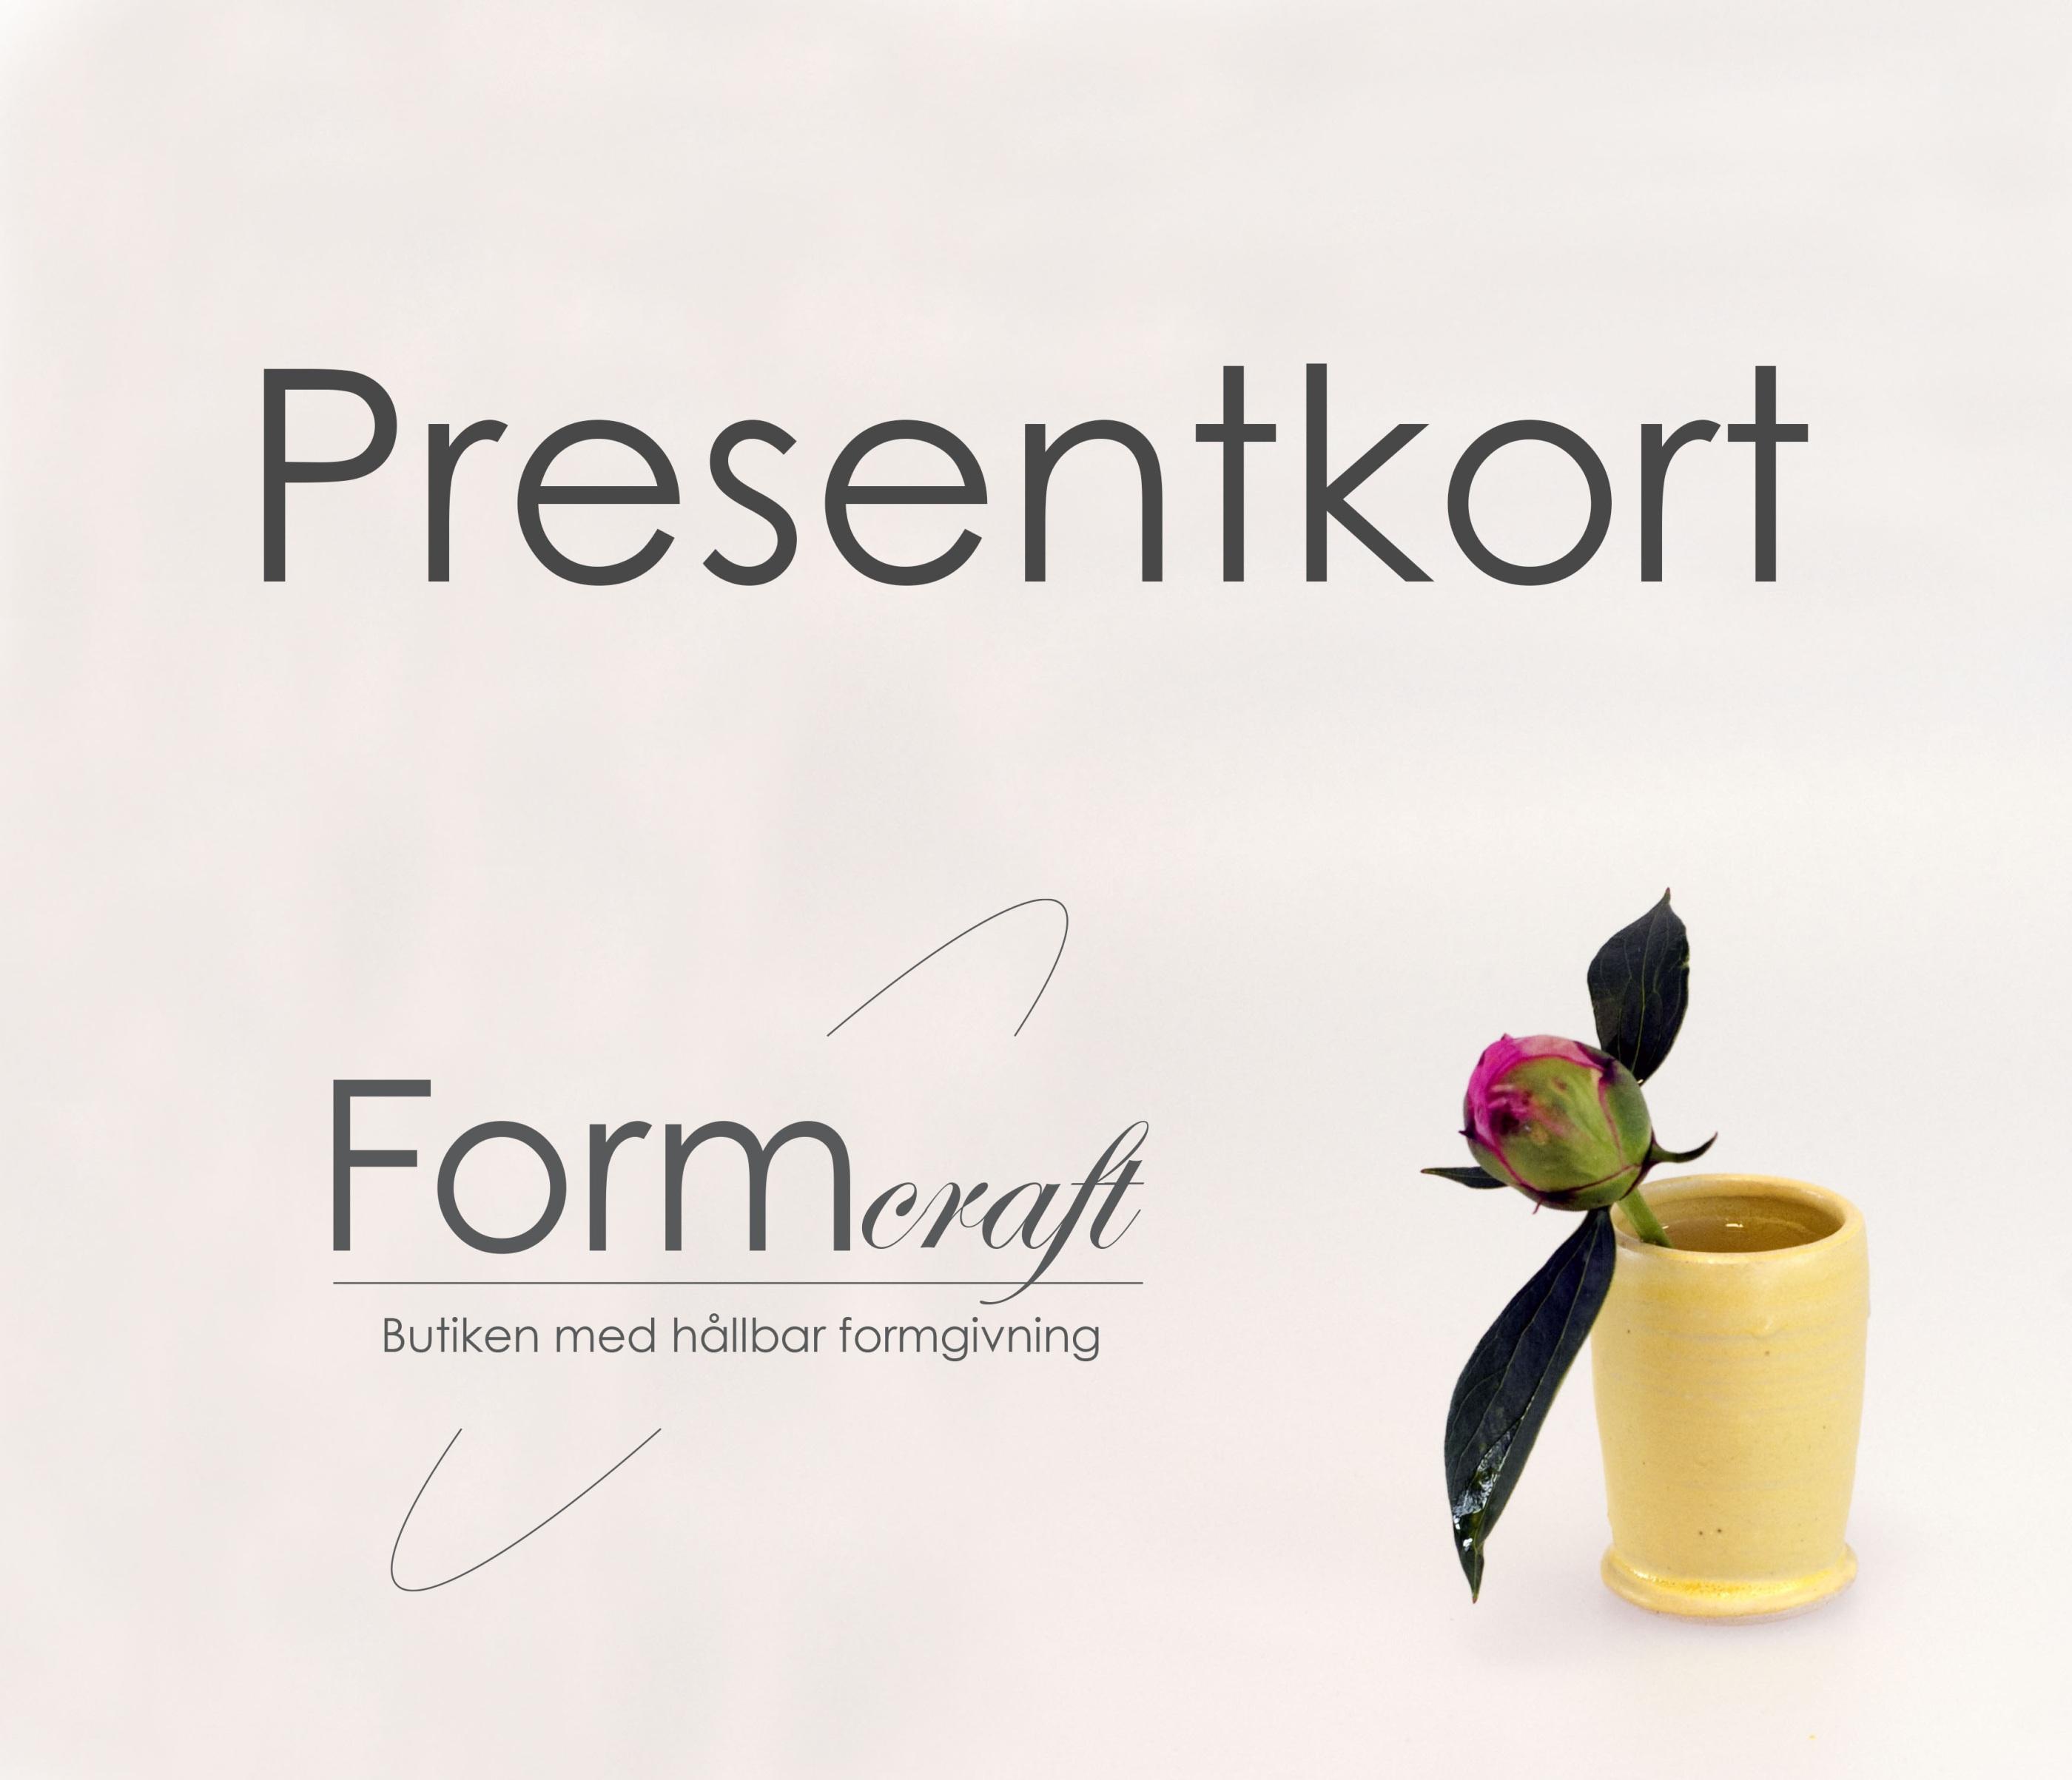 Presentkort bild